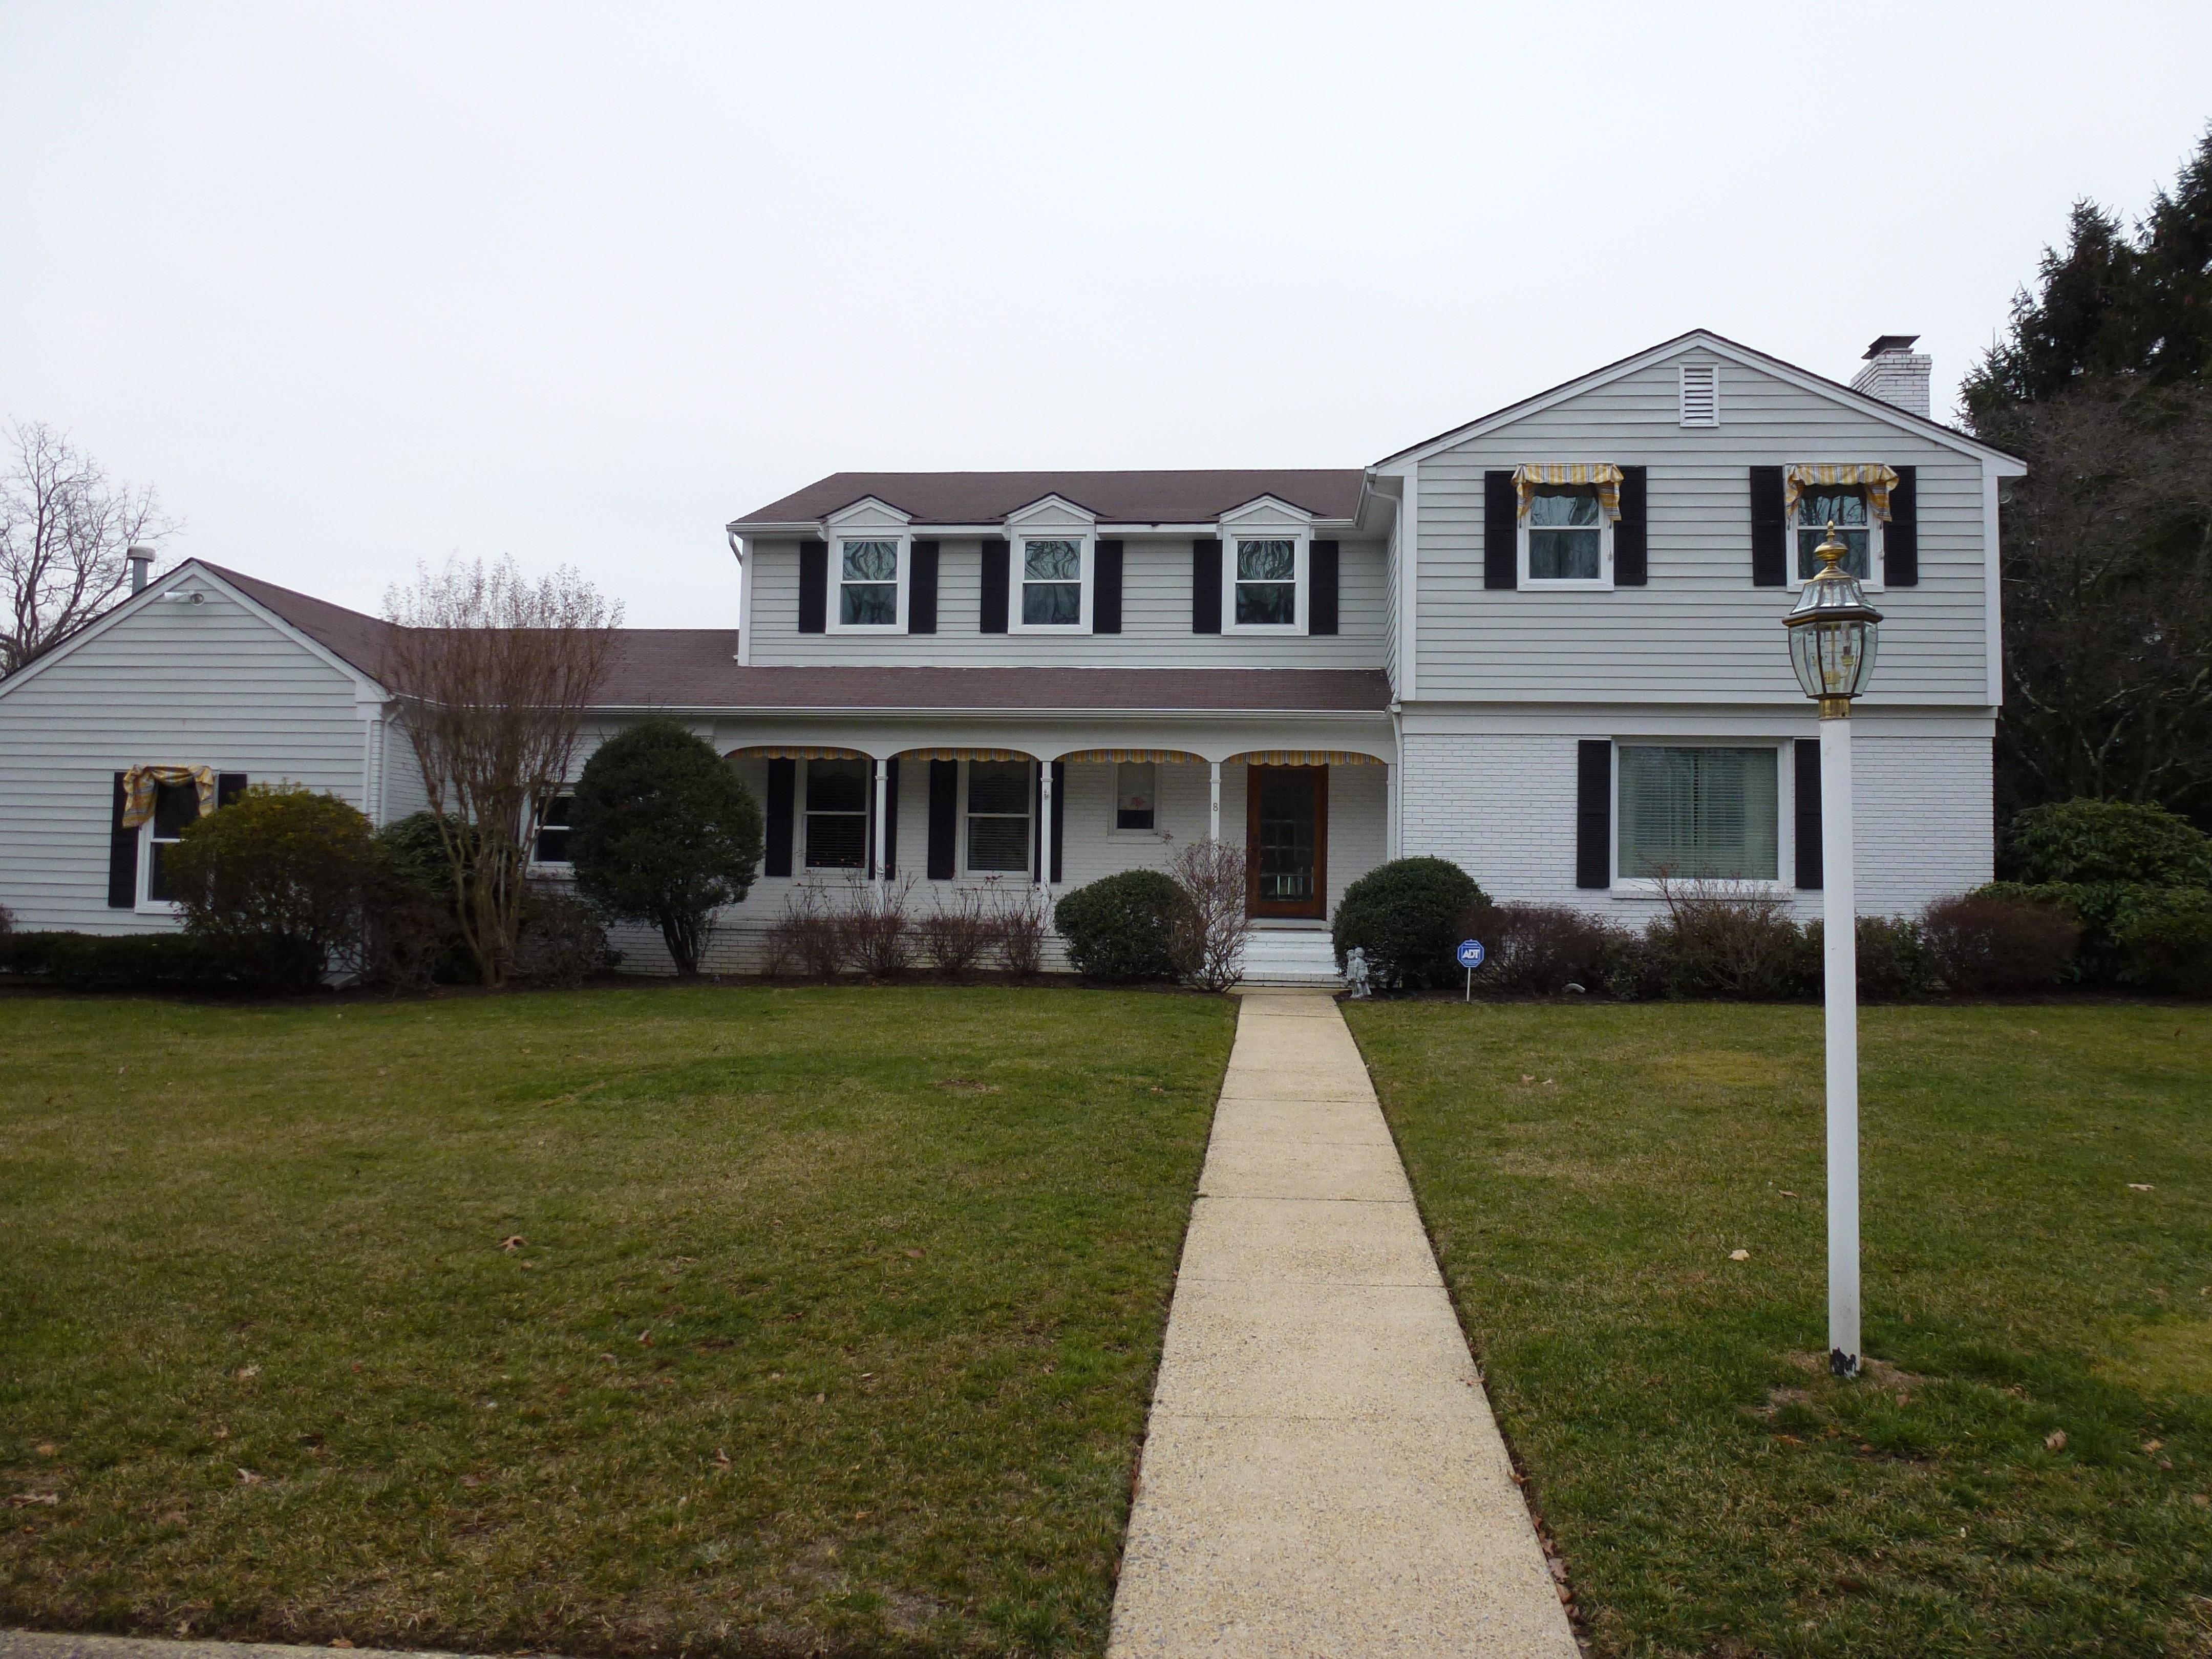 Частный односемейный дом для того Продажа на 8 S. Arlene Dr. West Long Branch, 07764 Соединенные Штаты